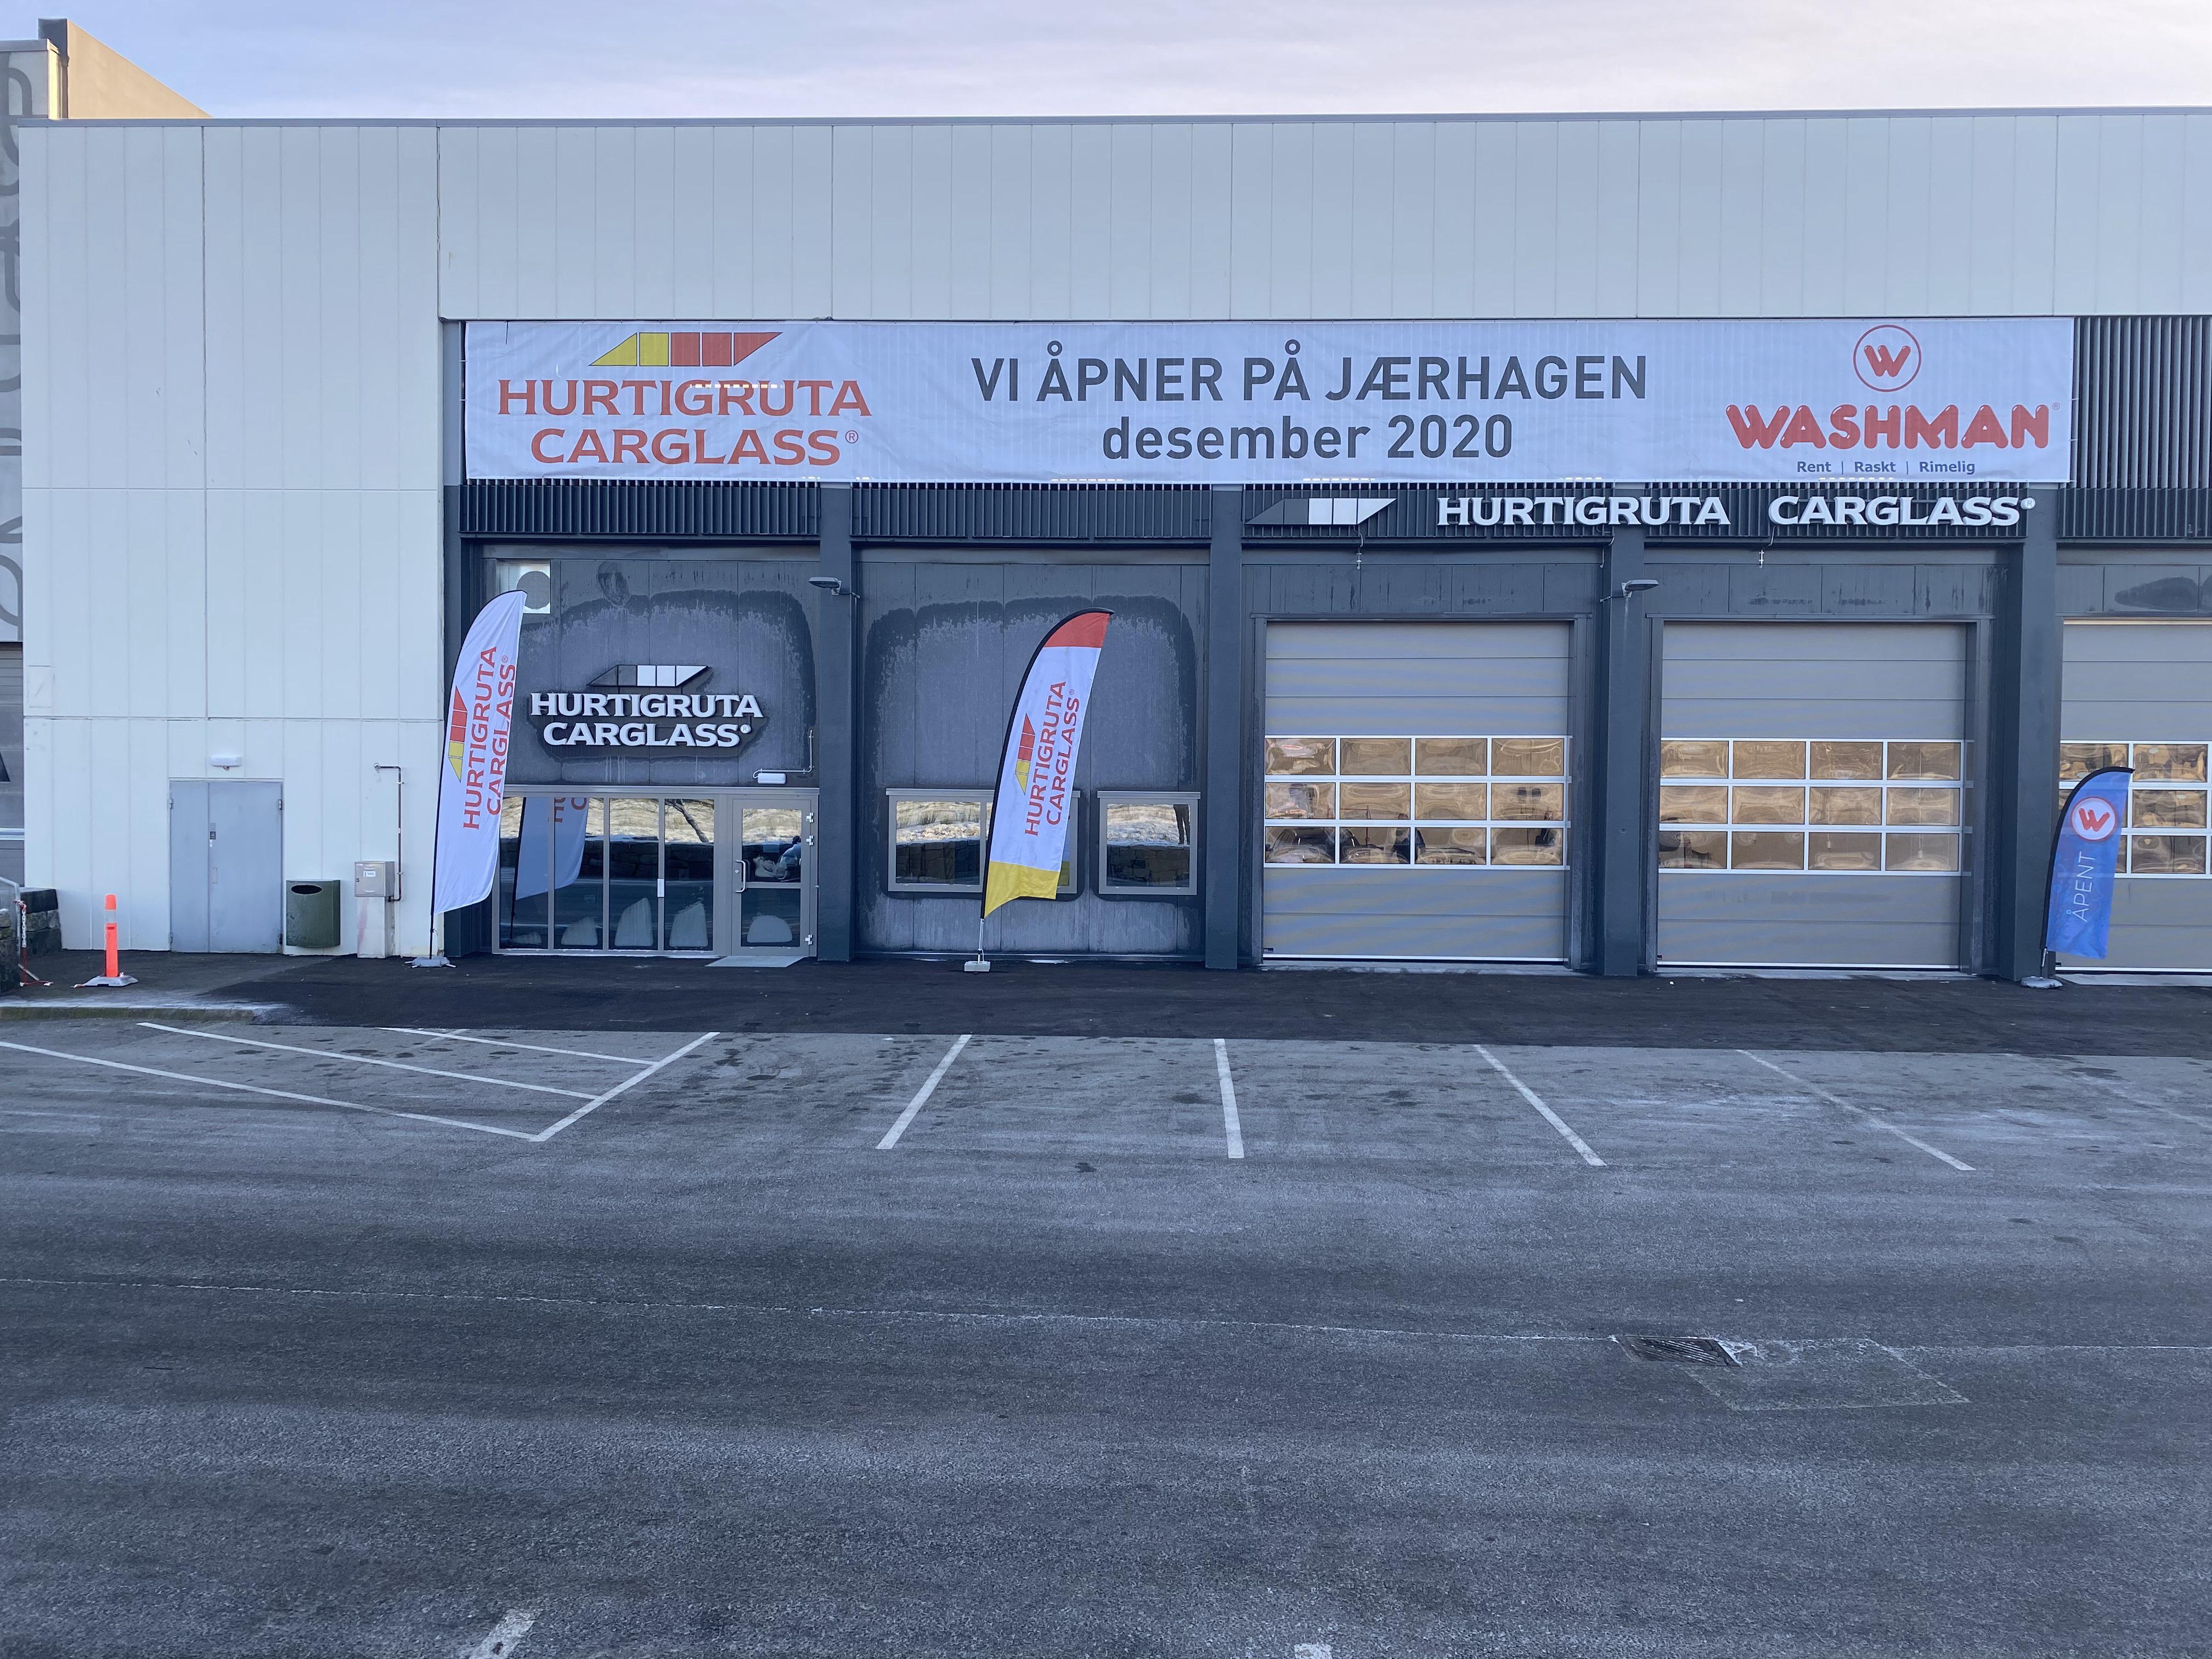 Hurtigruta Carglass® Jærhagen